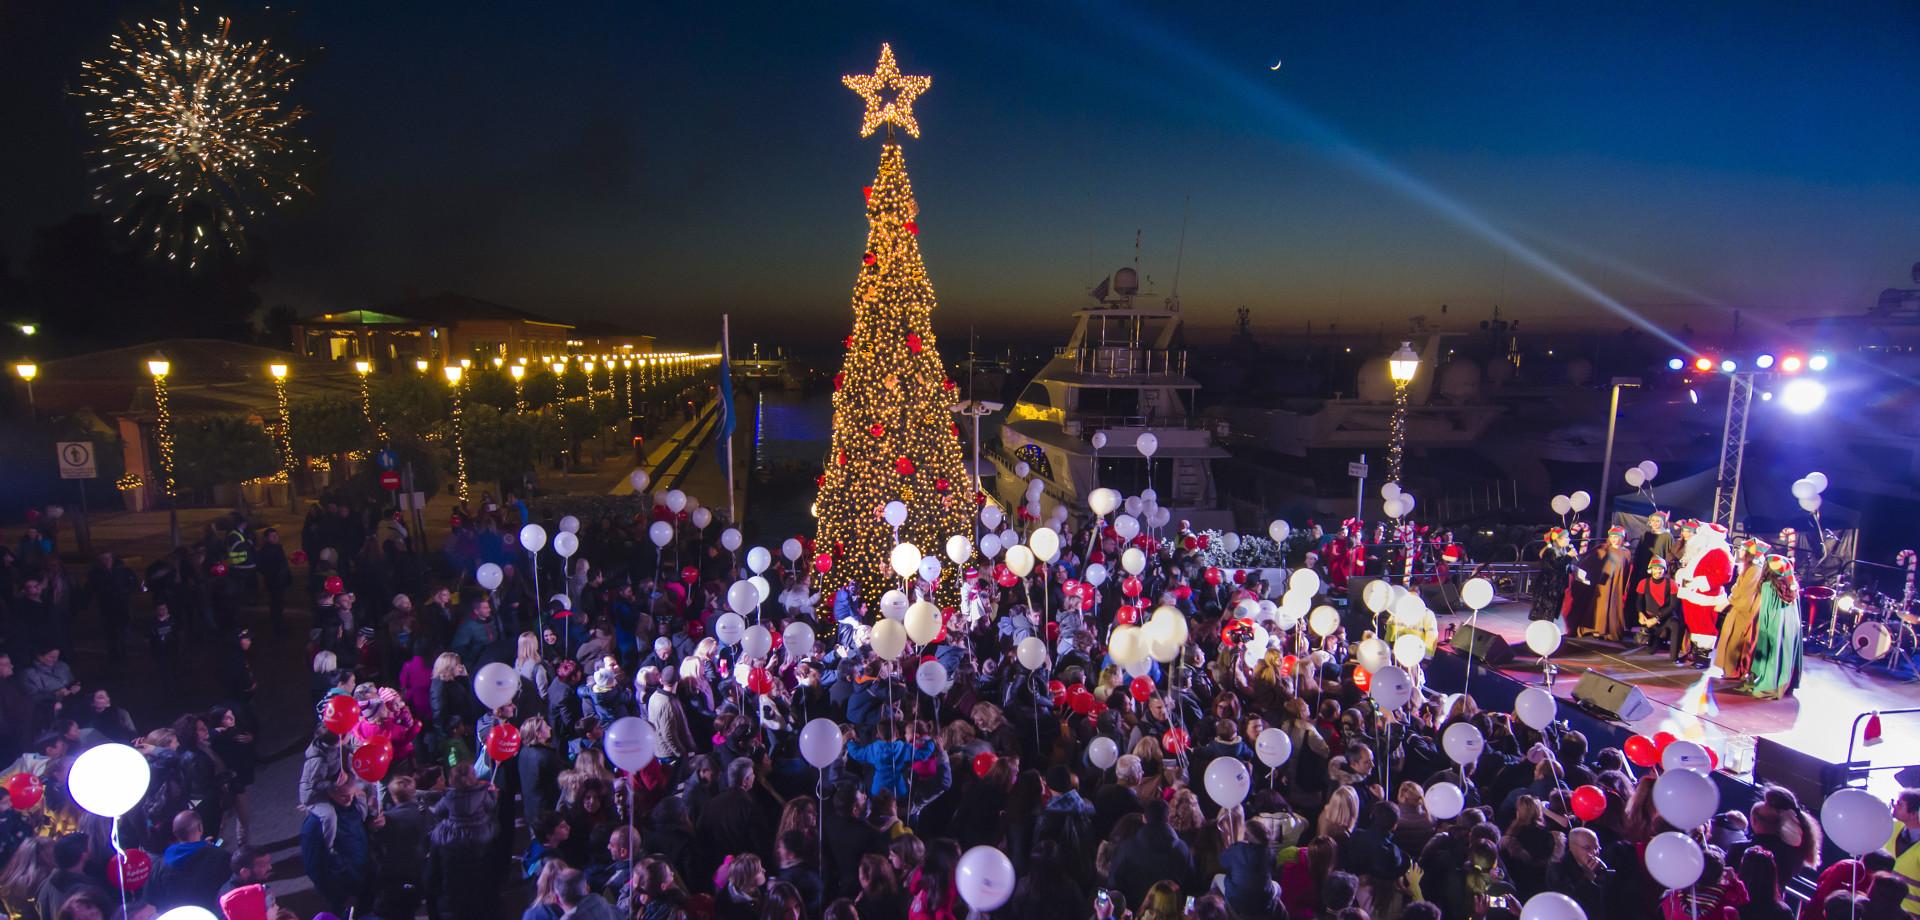 Χριστούγεννα στη Μαρίνα Φλοίσβου